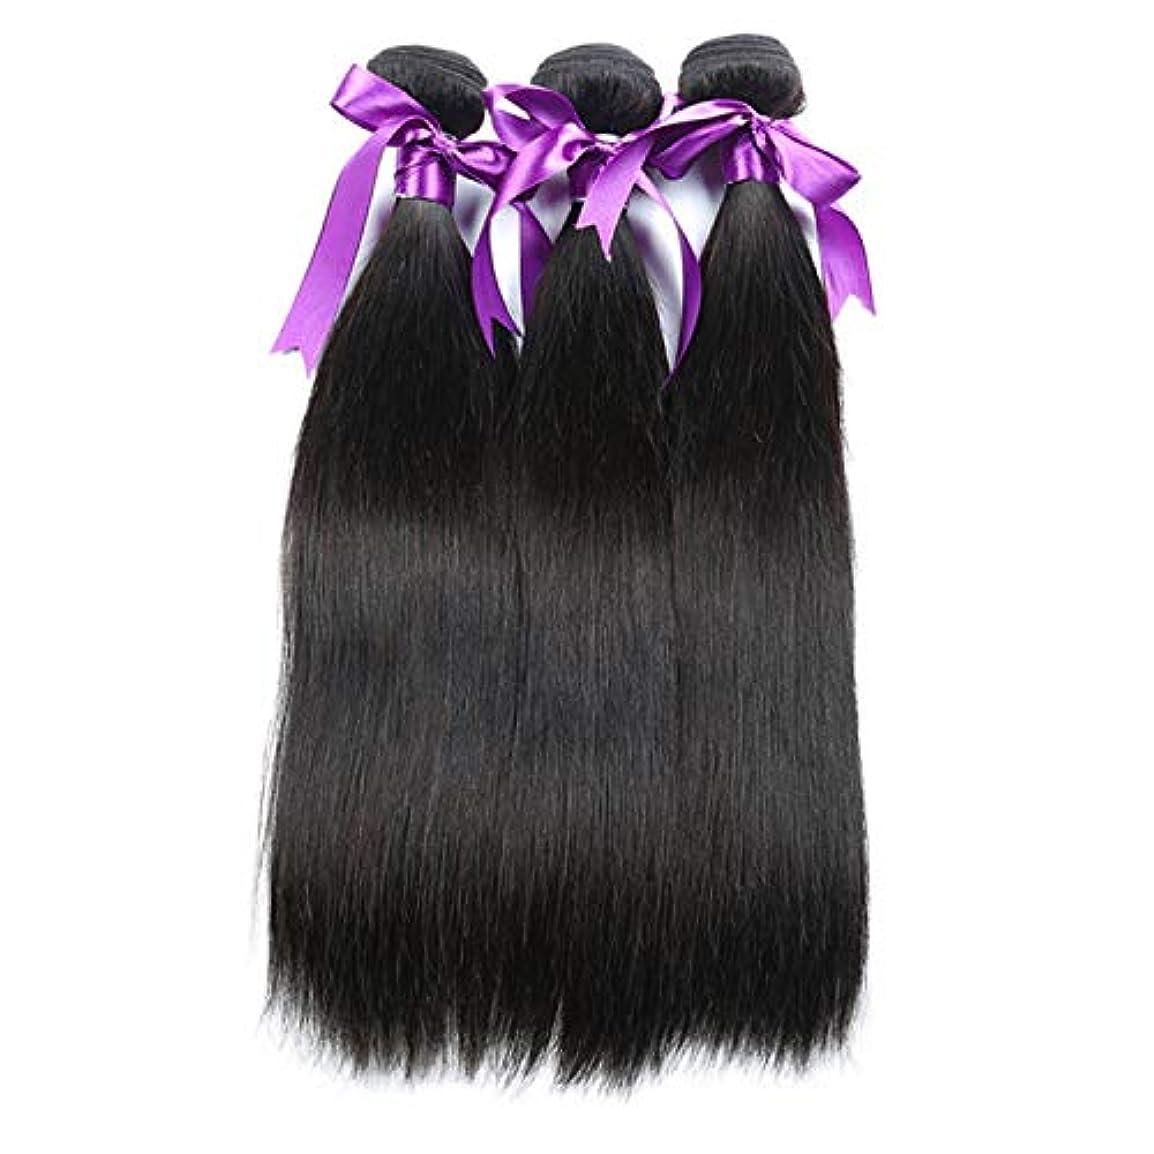 親愛なキャロライン無条件ペルーのストレートヘア織り3バンドル/ロット100%人のRemyの髪横糸8-28インチボディヘアエクステンション (Stretched Length : 24 26 28)